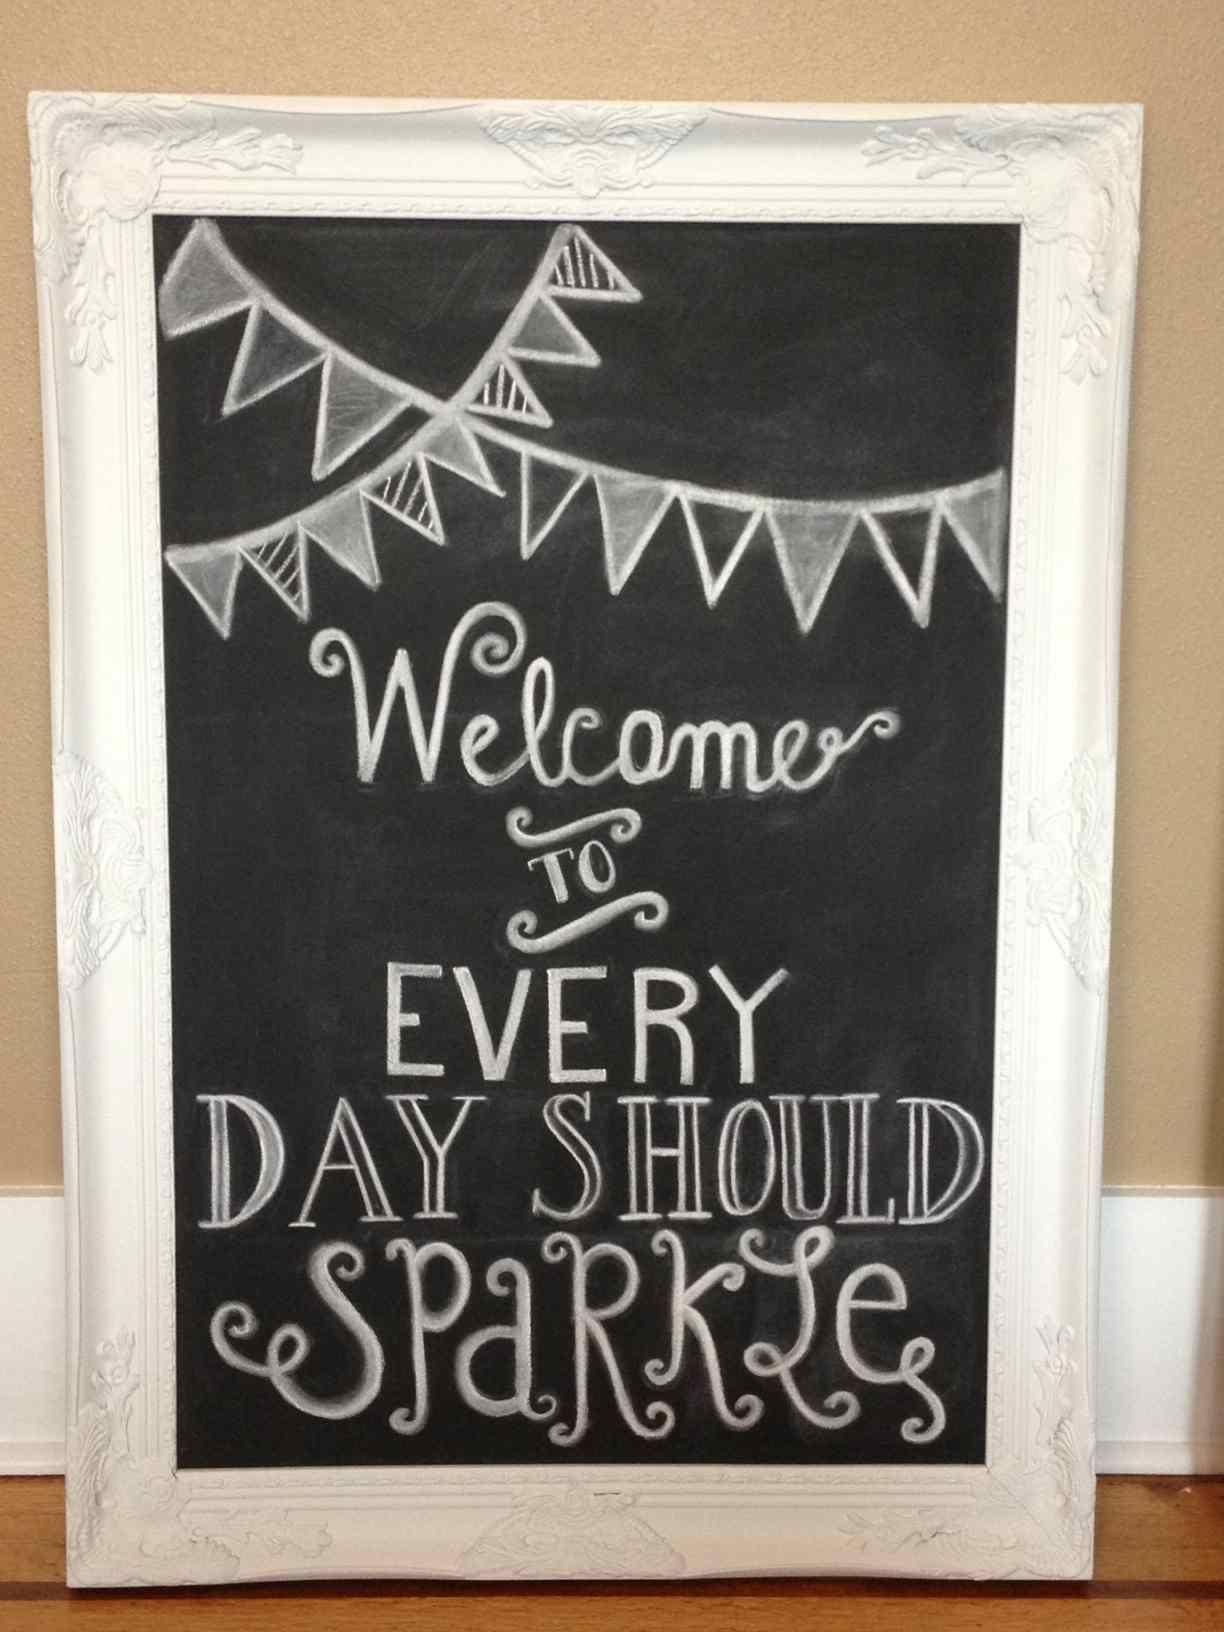 Etsy Shop & Chalkboard Designs | crafts | Pinterest | Framed ...